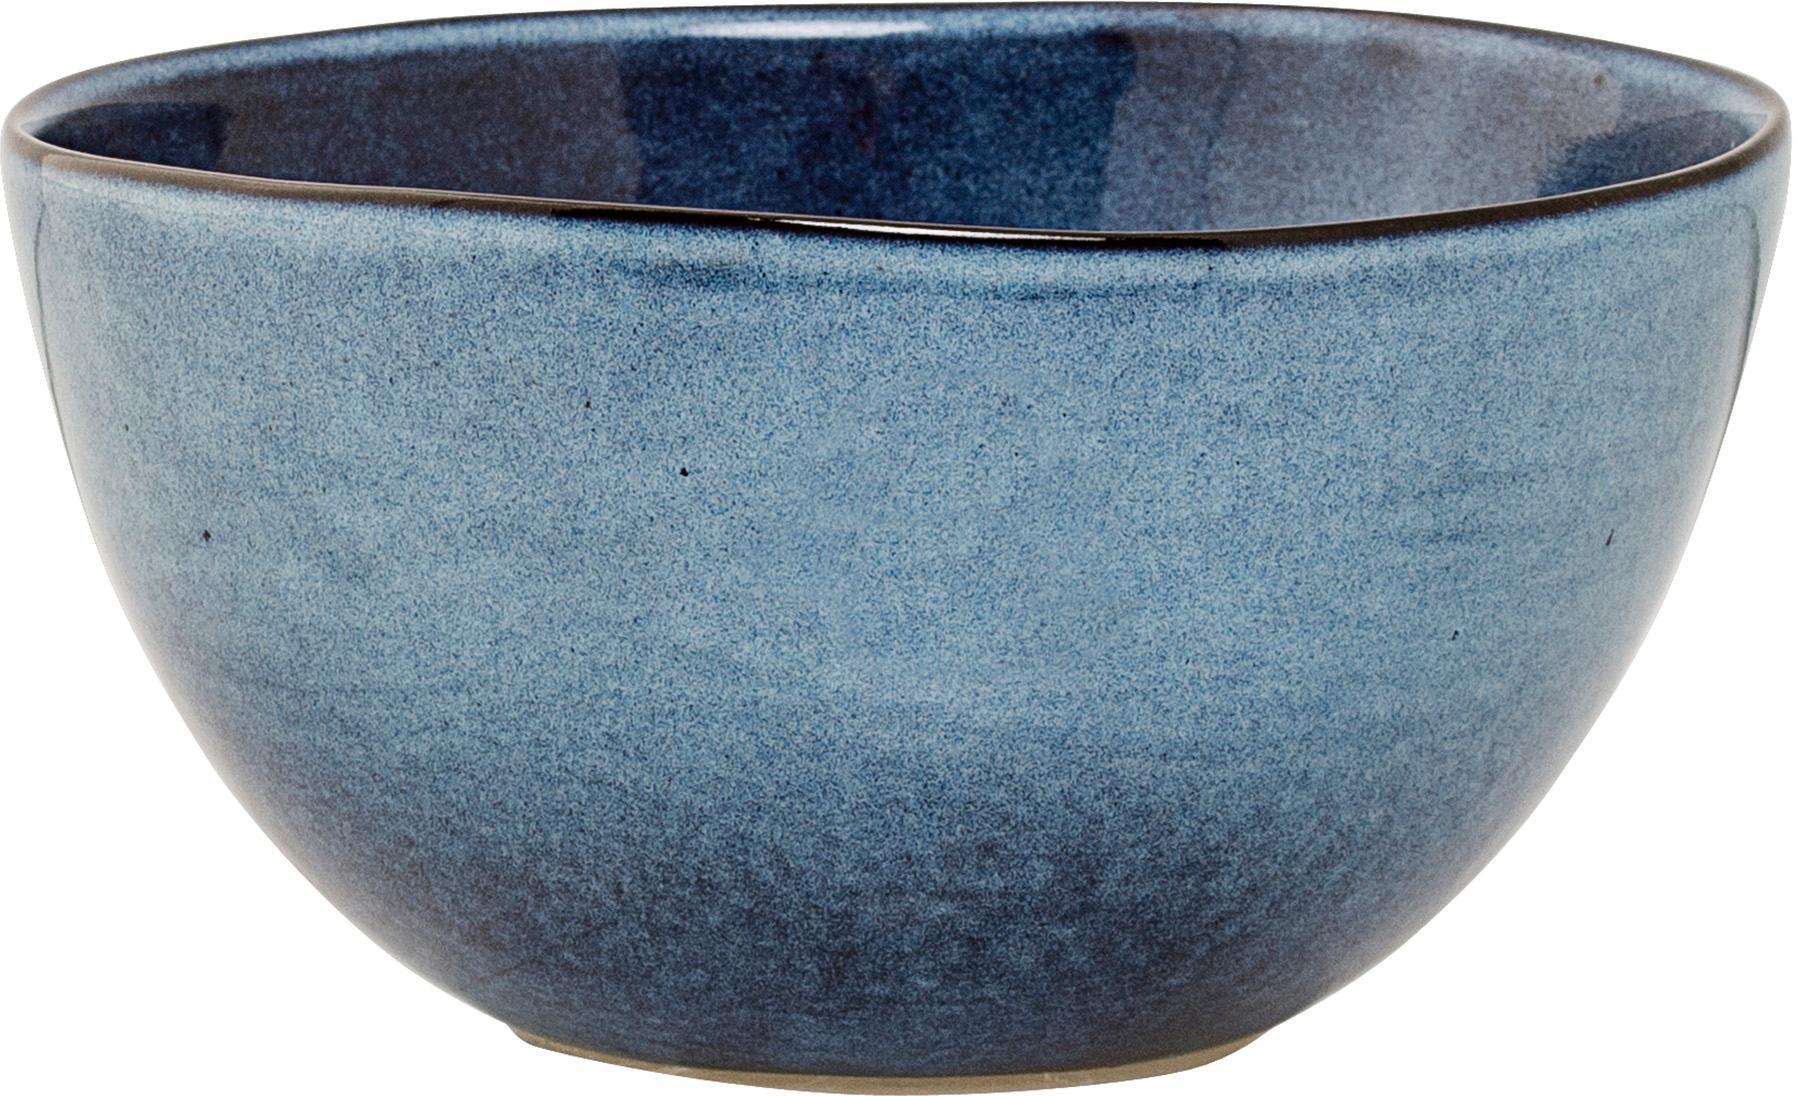 Boles artesanales Sandrine, 6uds., Gres, Azul, Ø 15 x Al 8 cm